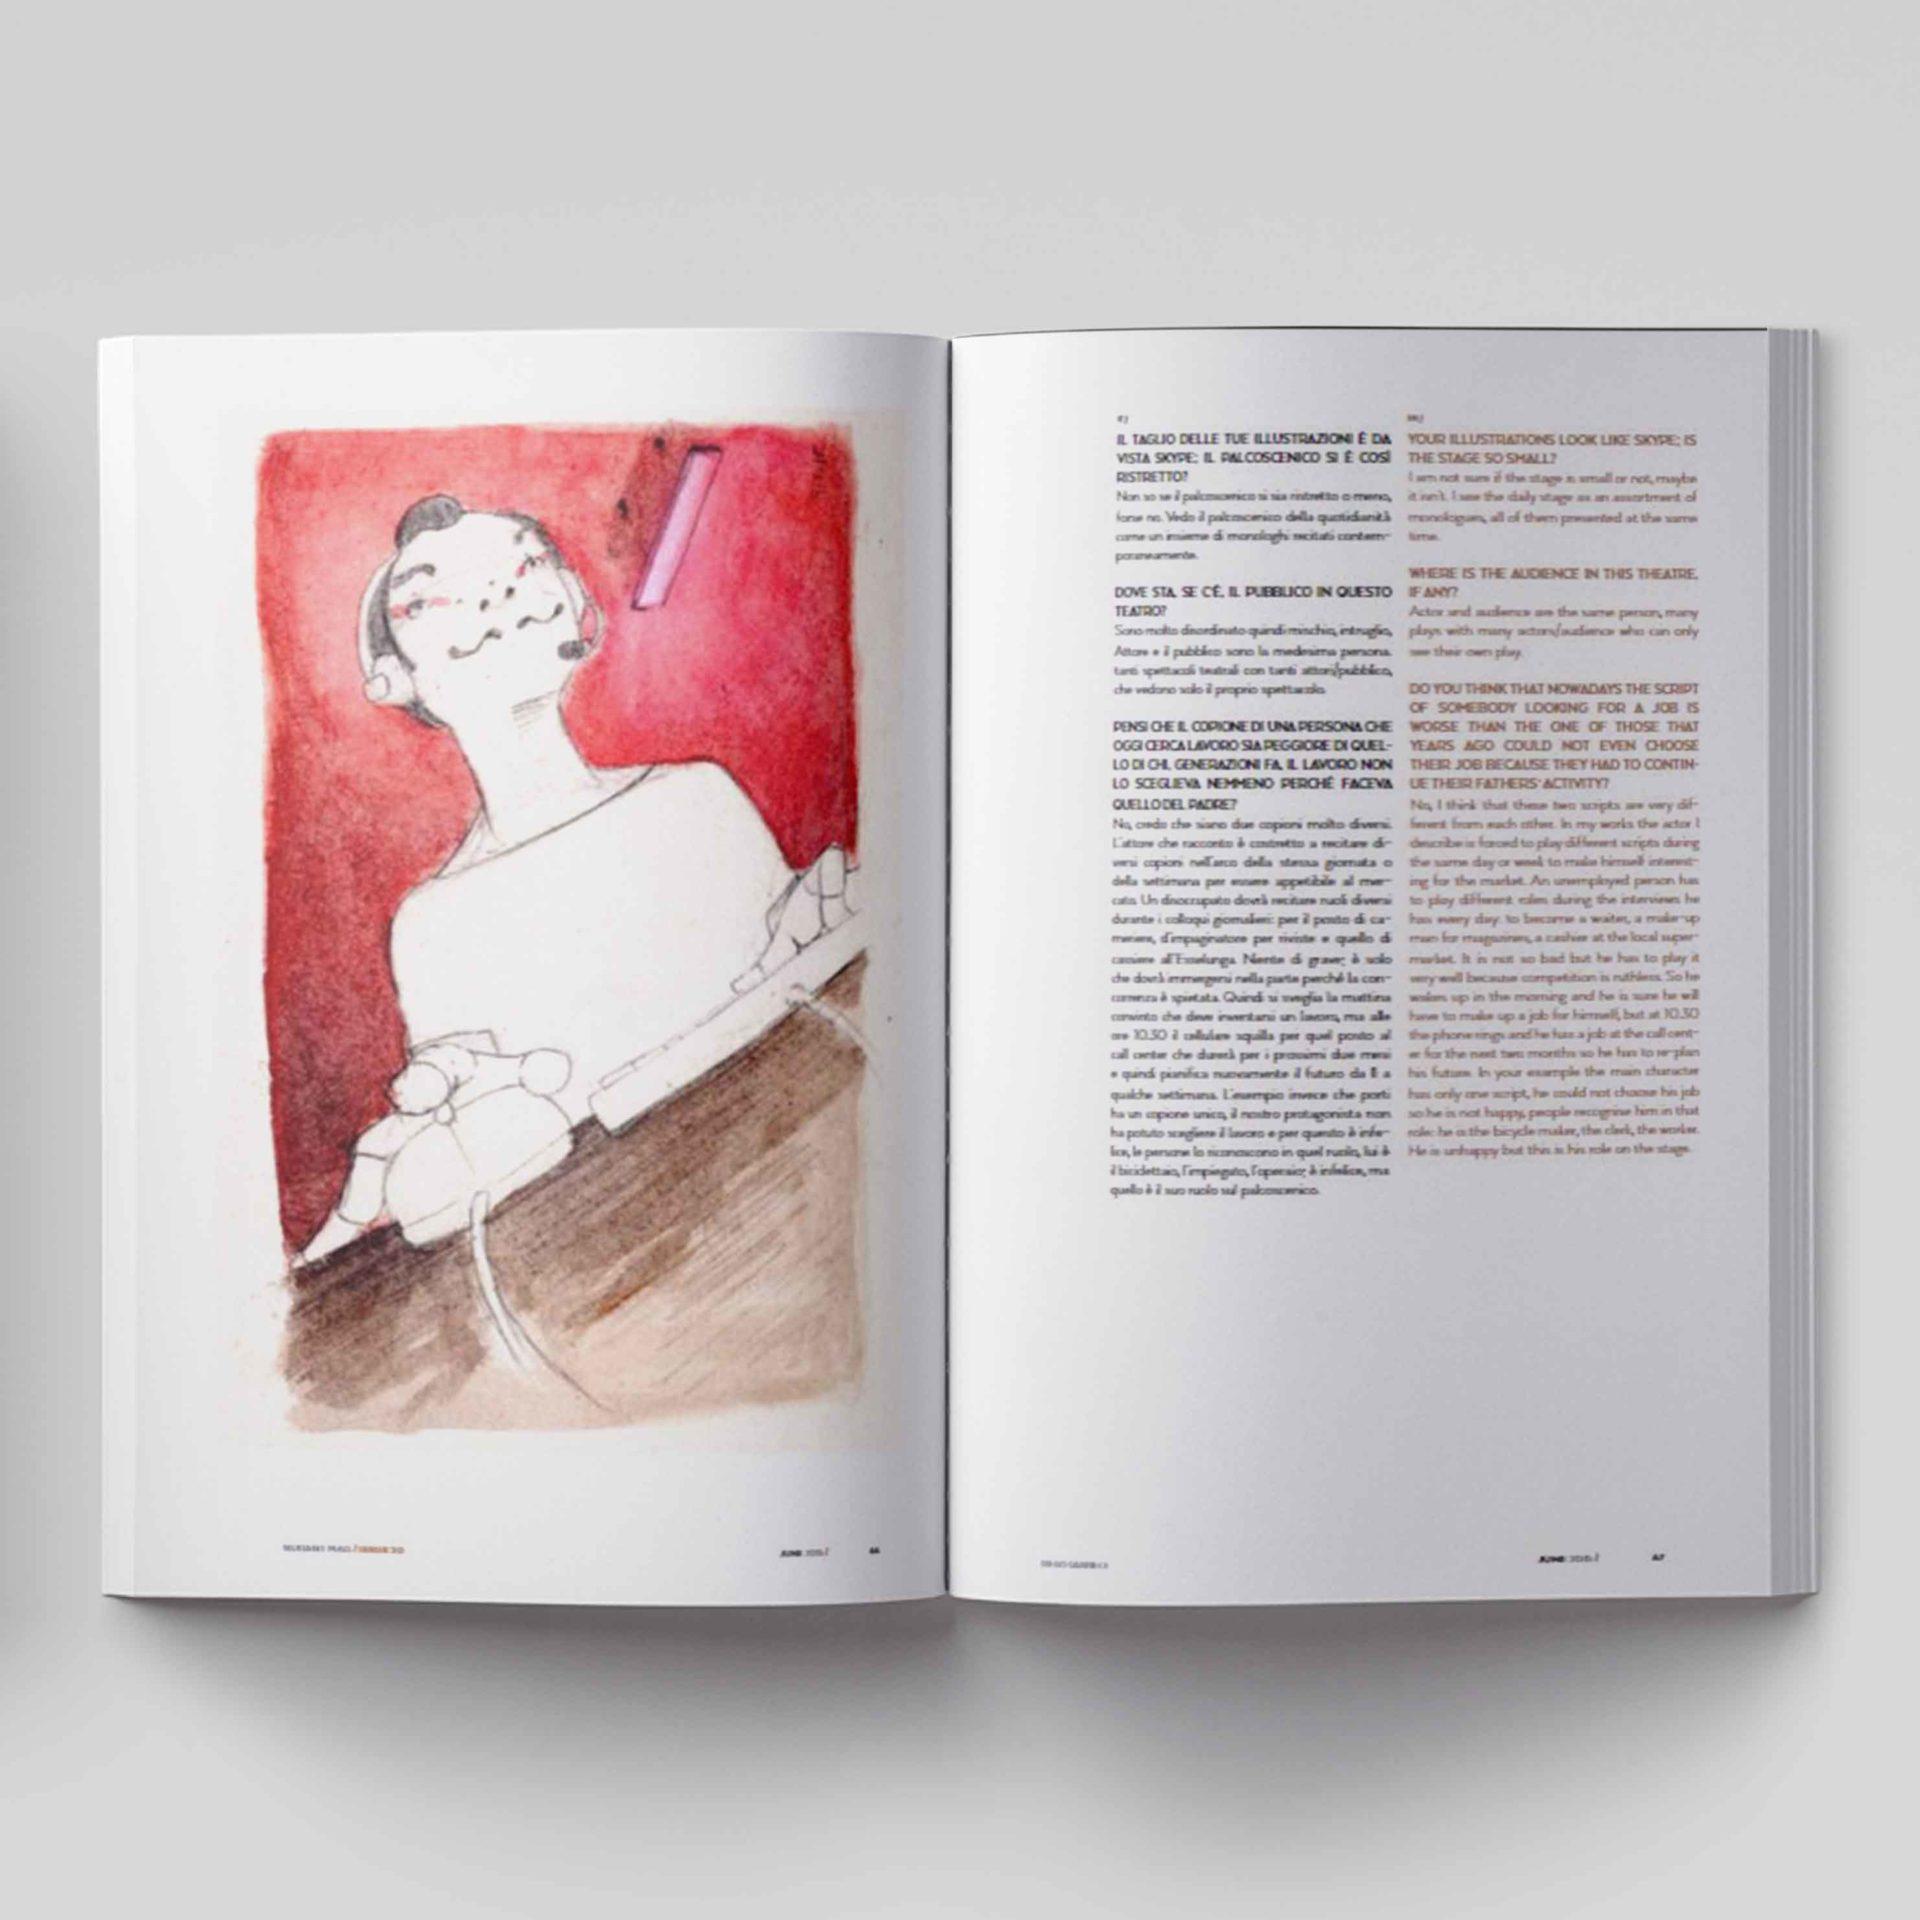 Illustrazioni editoriali per Nurant di Diego Gabriele